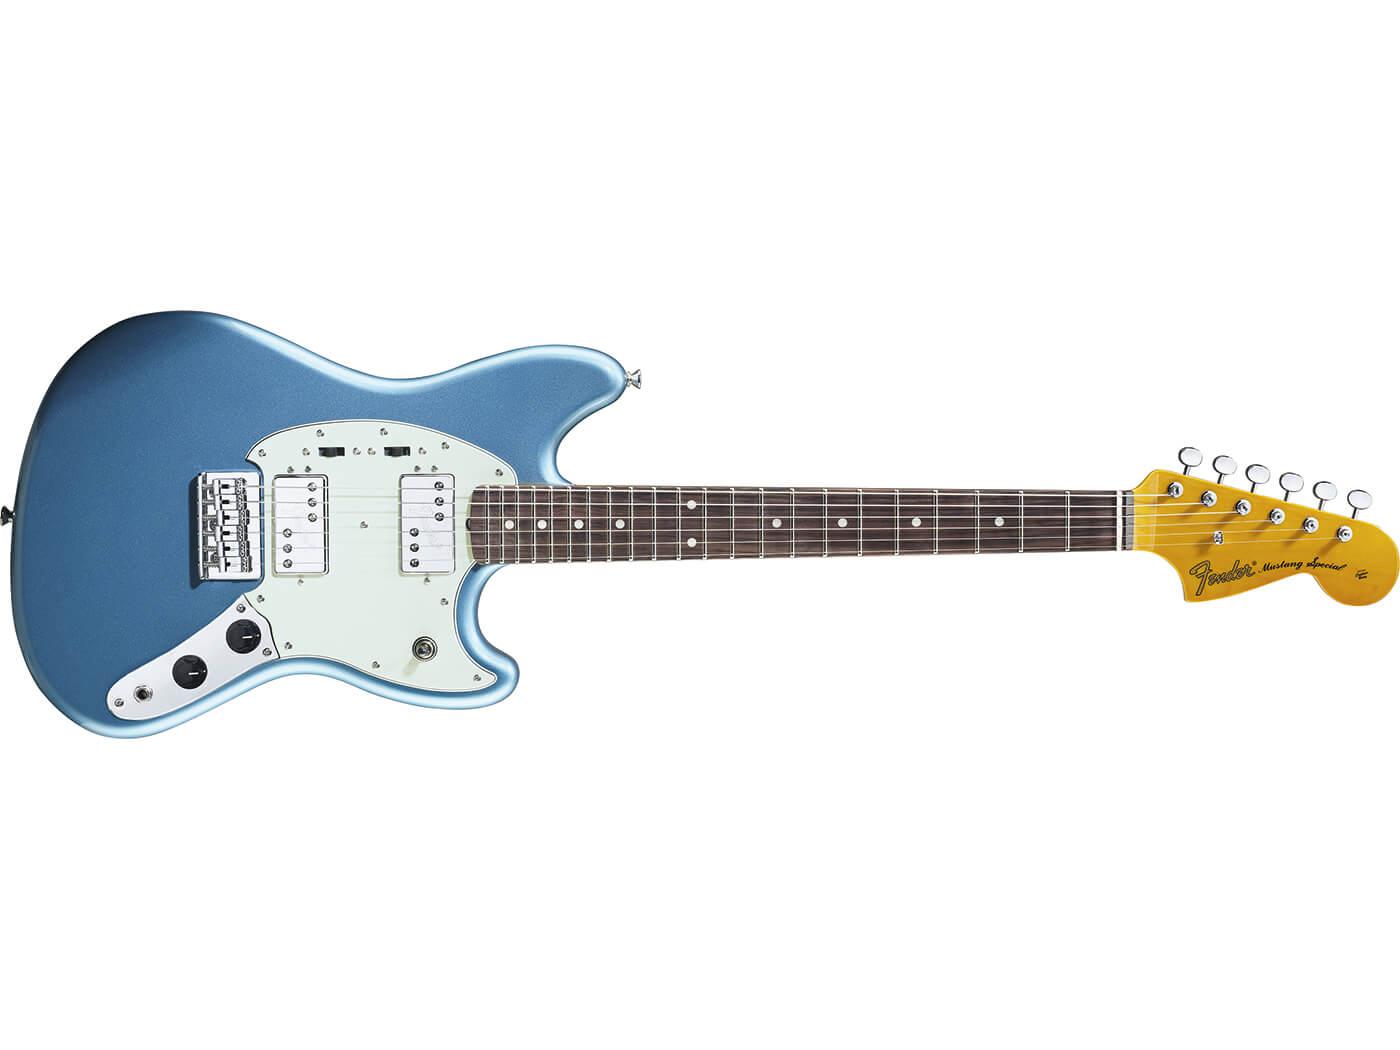 Fender Mustang Deluxe